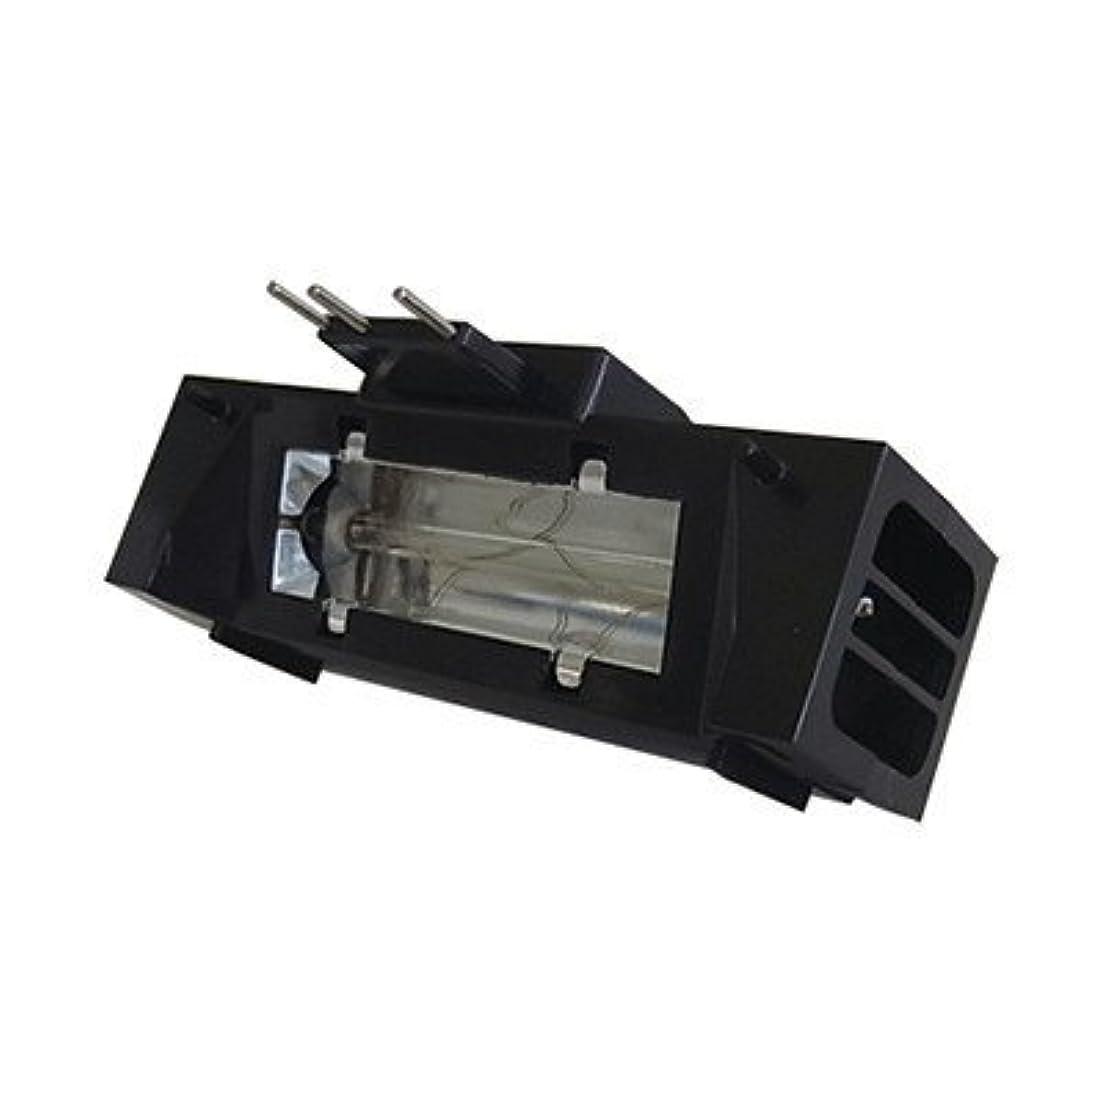 車両提供する予知ジェルネイル LEDライト 交換用ライト フラッシュライト カートリッジ